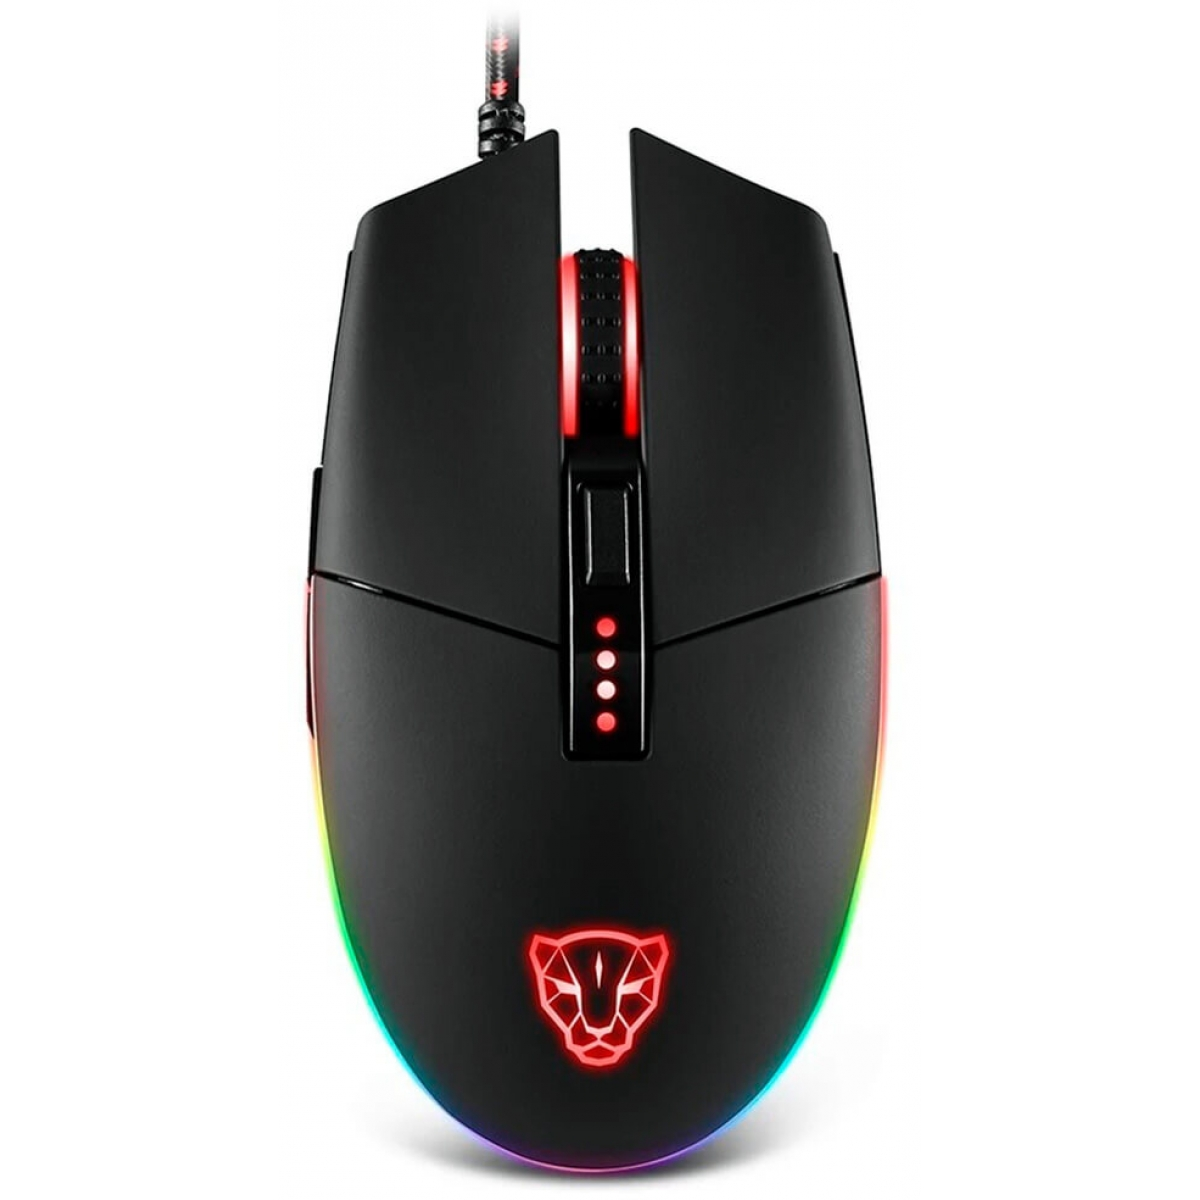 Mouse Gamer Motospeed V50 4000 DPI, RGB Backlight, Black, FMSMS0005PTO